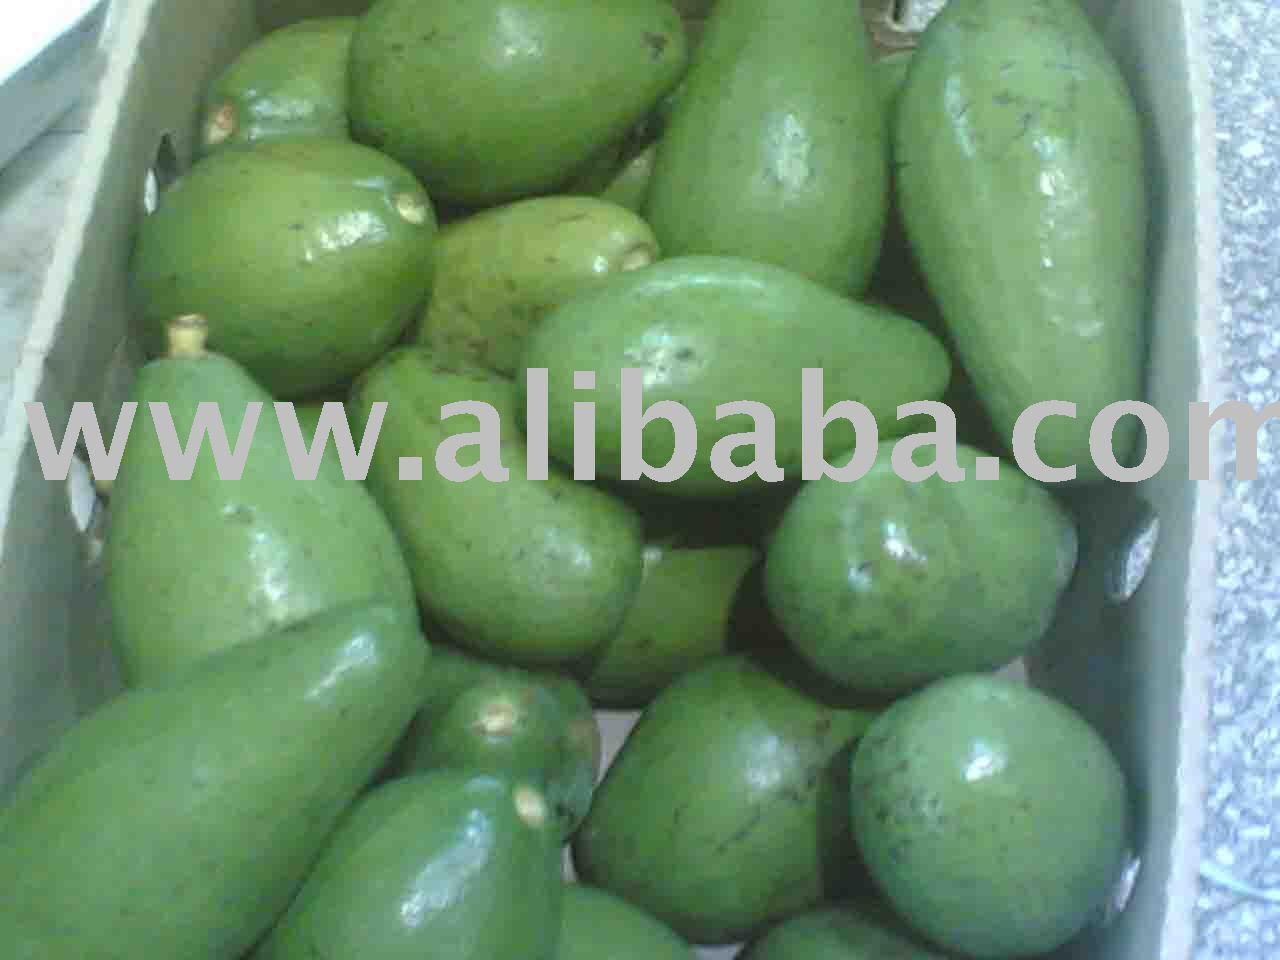 AVOCADO products,Uganda AVOCADO supplier